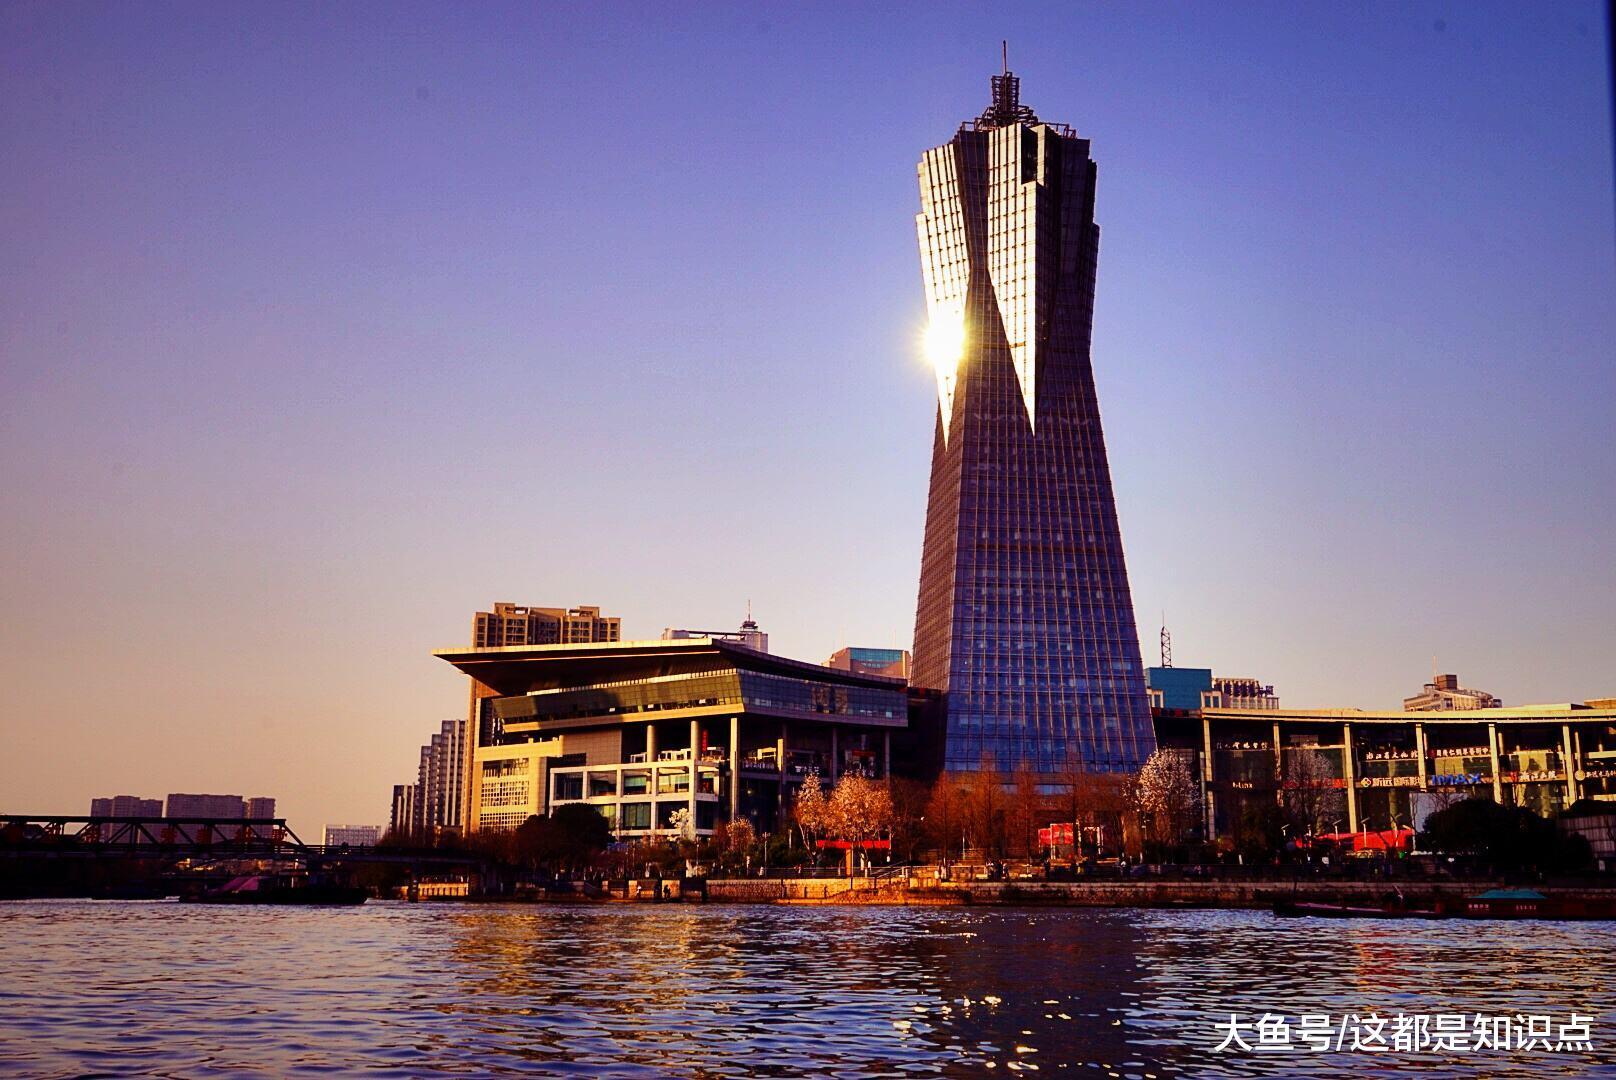 榜單:從券商營業部數量看哪炒股人多,杭州、重慶、成都、武漢